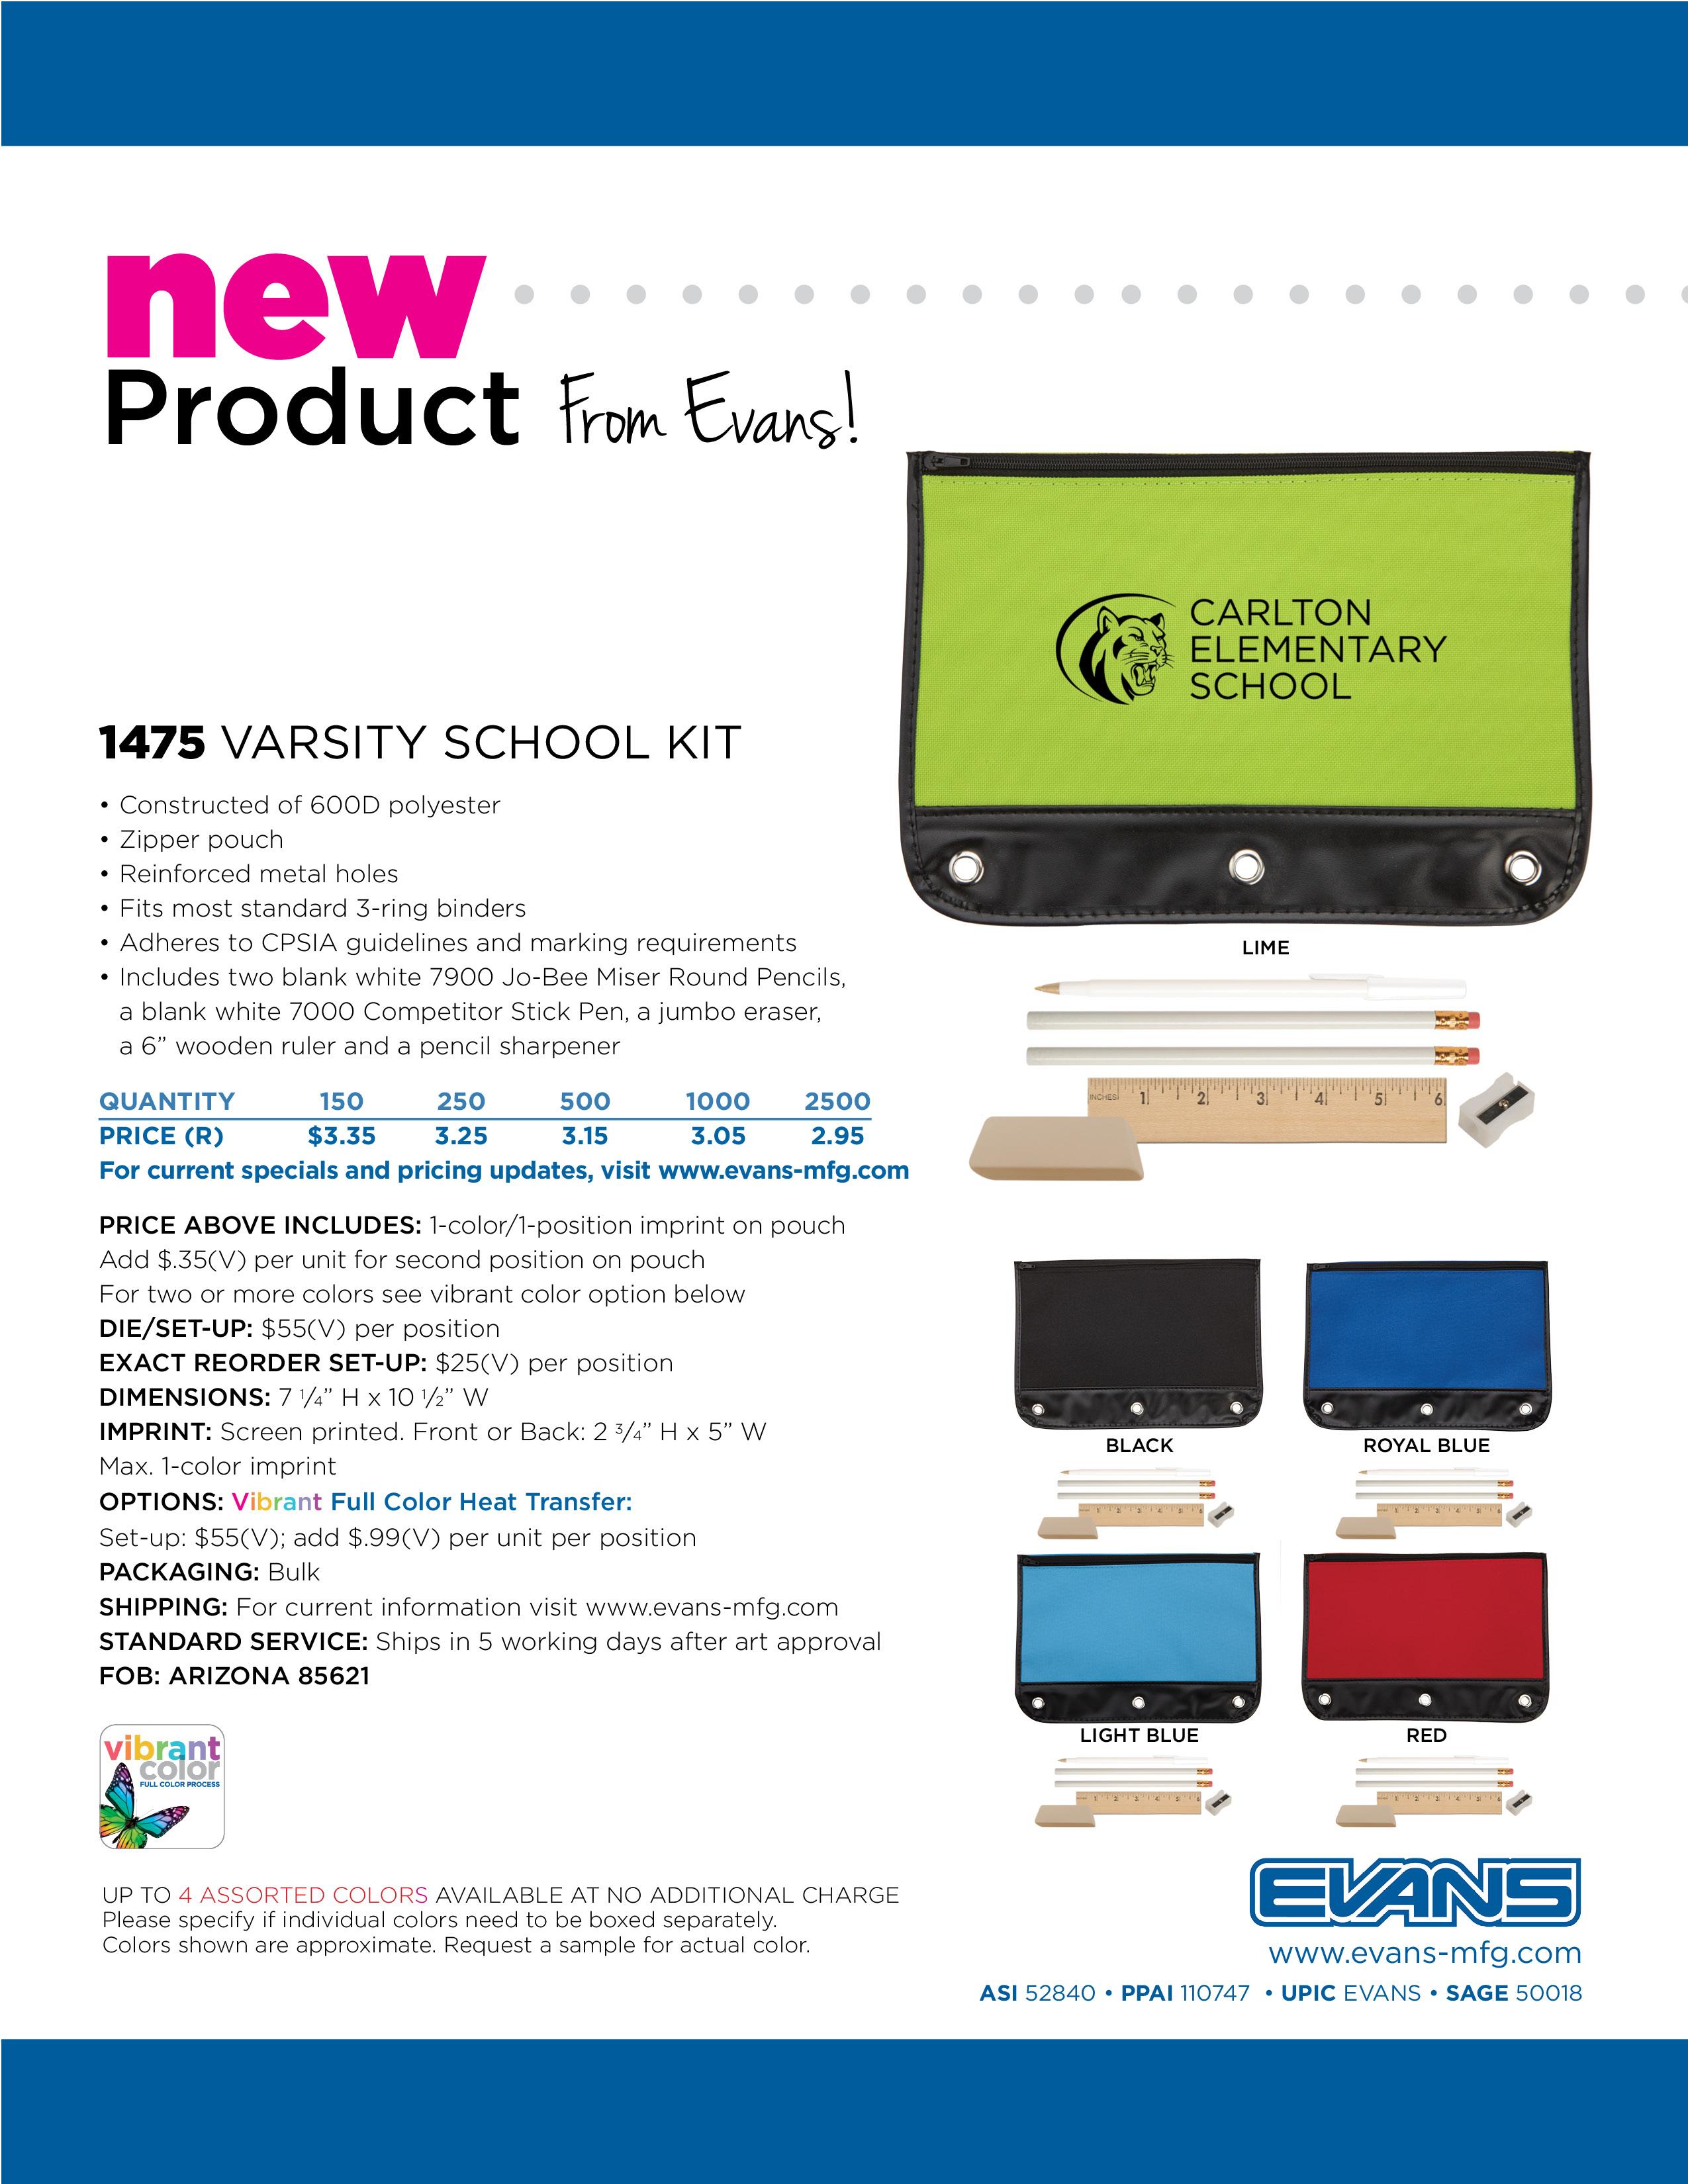 1475 Varsity School Kit